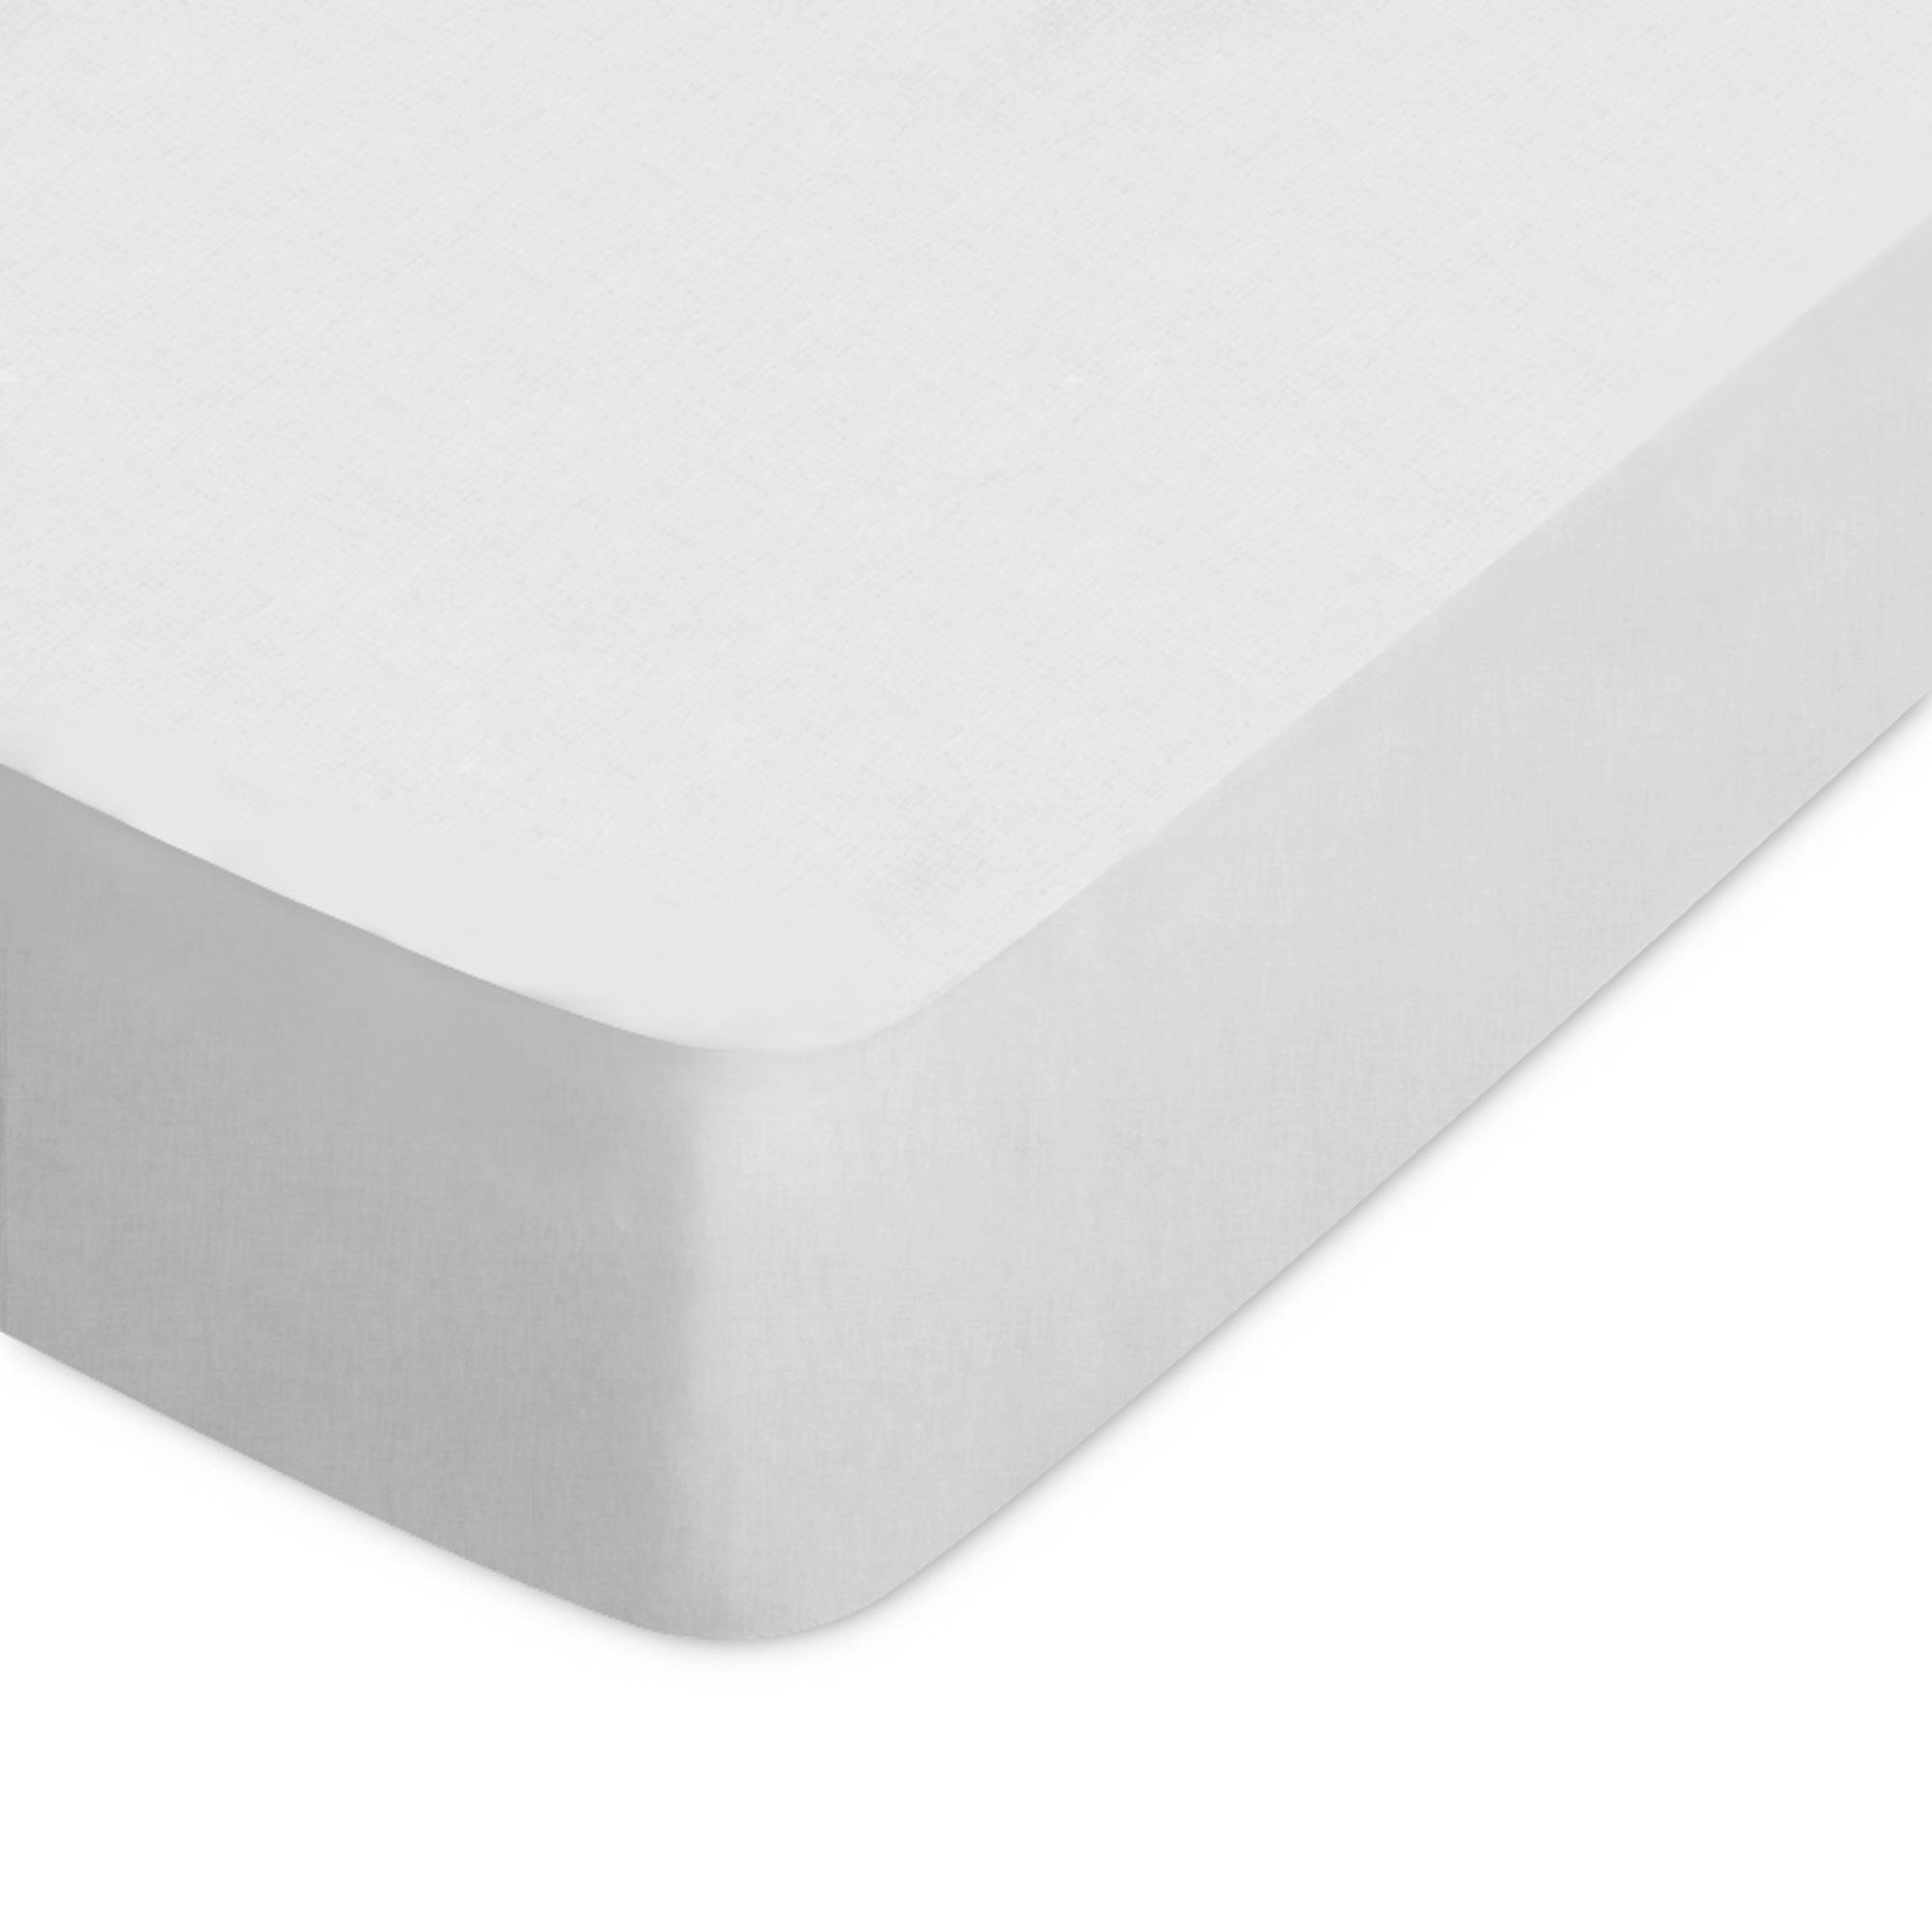 drap housse 160x200cm uni pur coton alto gris calcium linnea linge de maison et. Black Bedroom Furniture Sets. Home Design Ideas